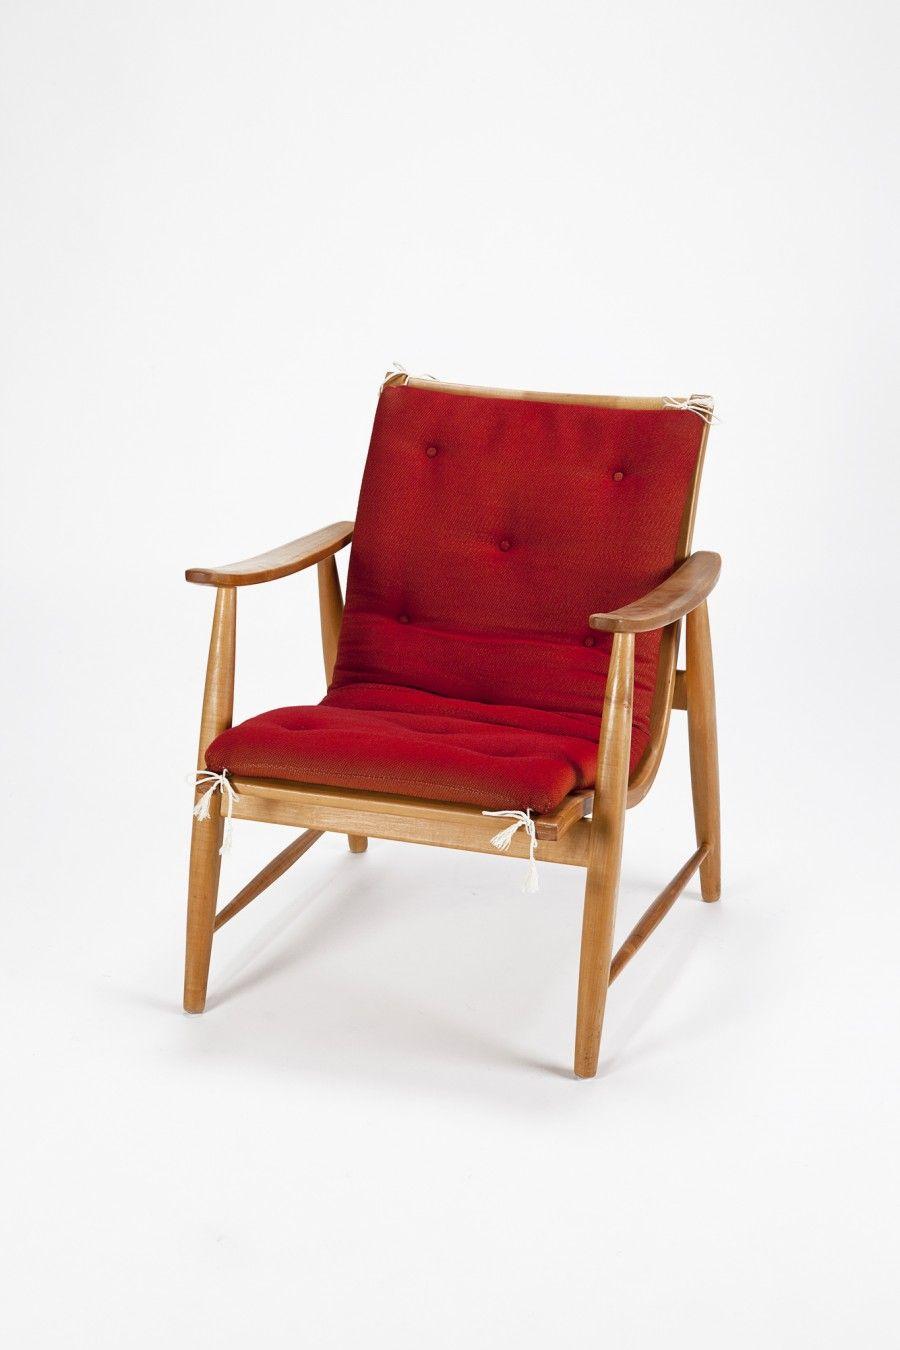 Jacob Müller Birch Chair